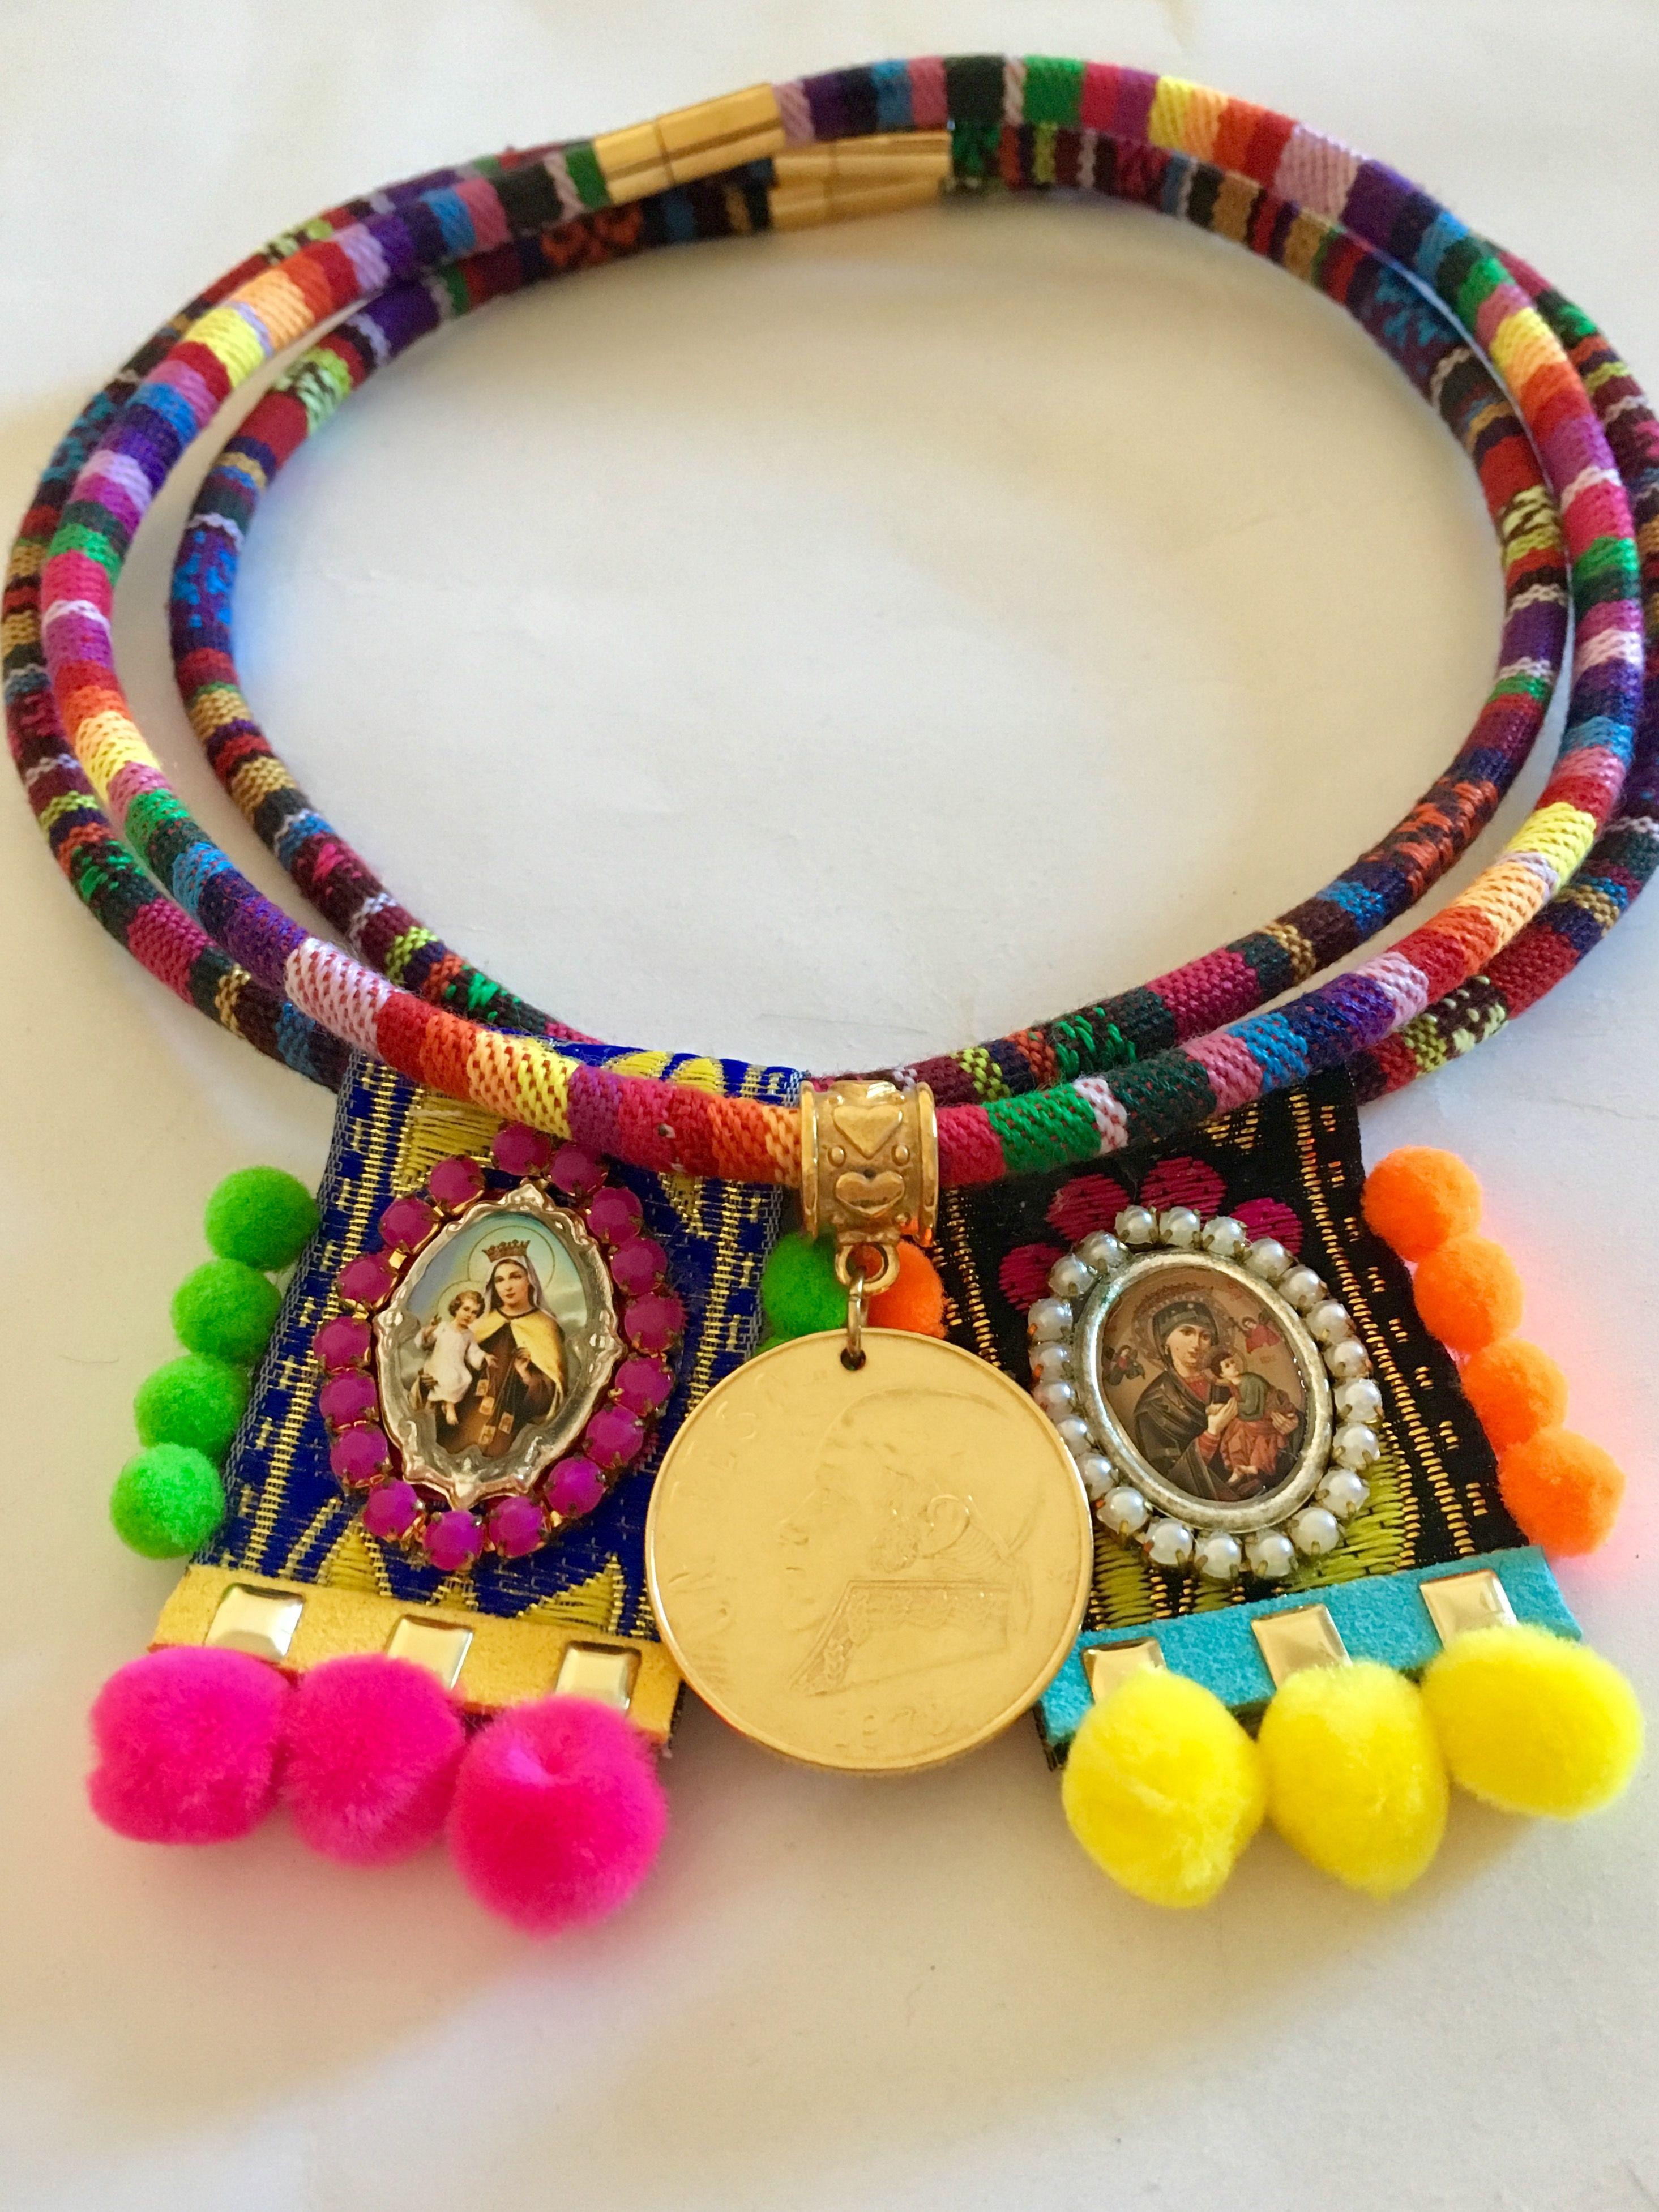 dbb91fb4a3eb Cordón etnico estilo mexicano. Colecciones juntas . Escapulario con pompones  y monedas antiguas mexicanas. Hecho a mano